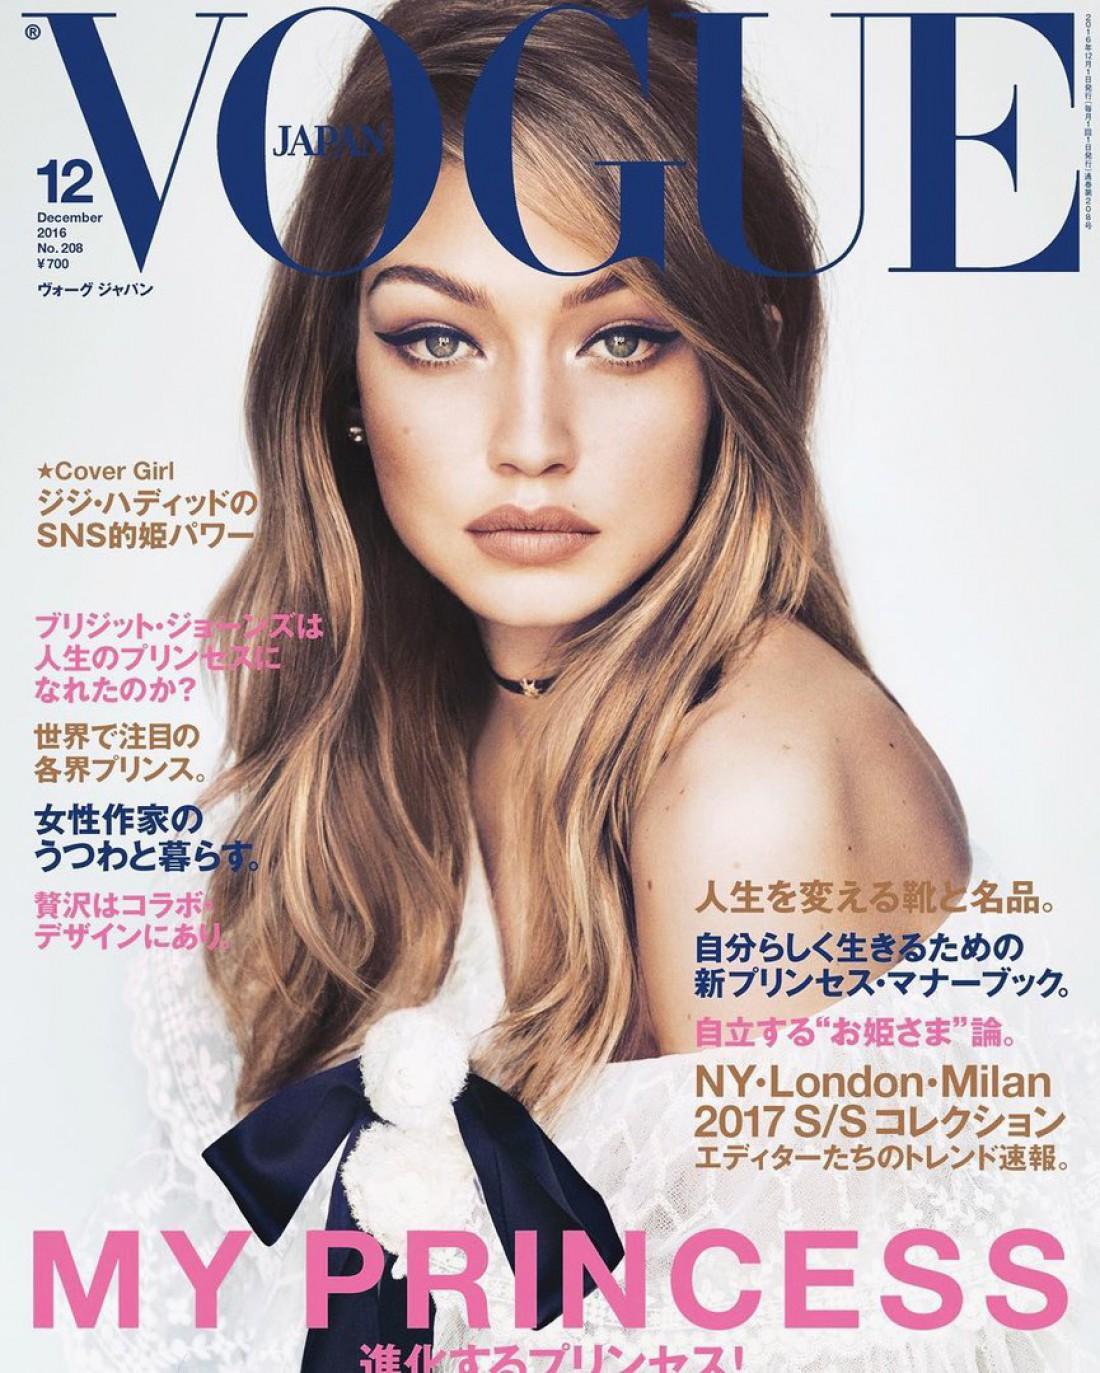 Джиджи Хадит украсила страницы Vogue